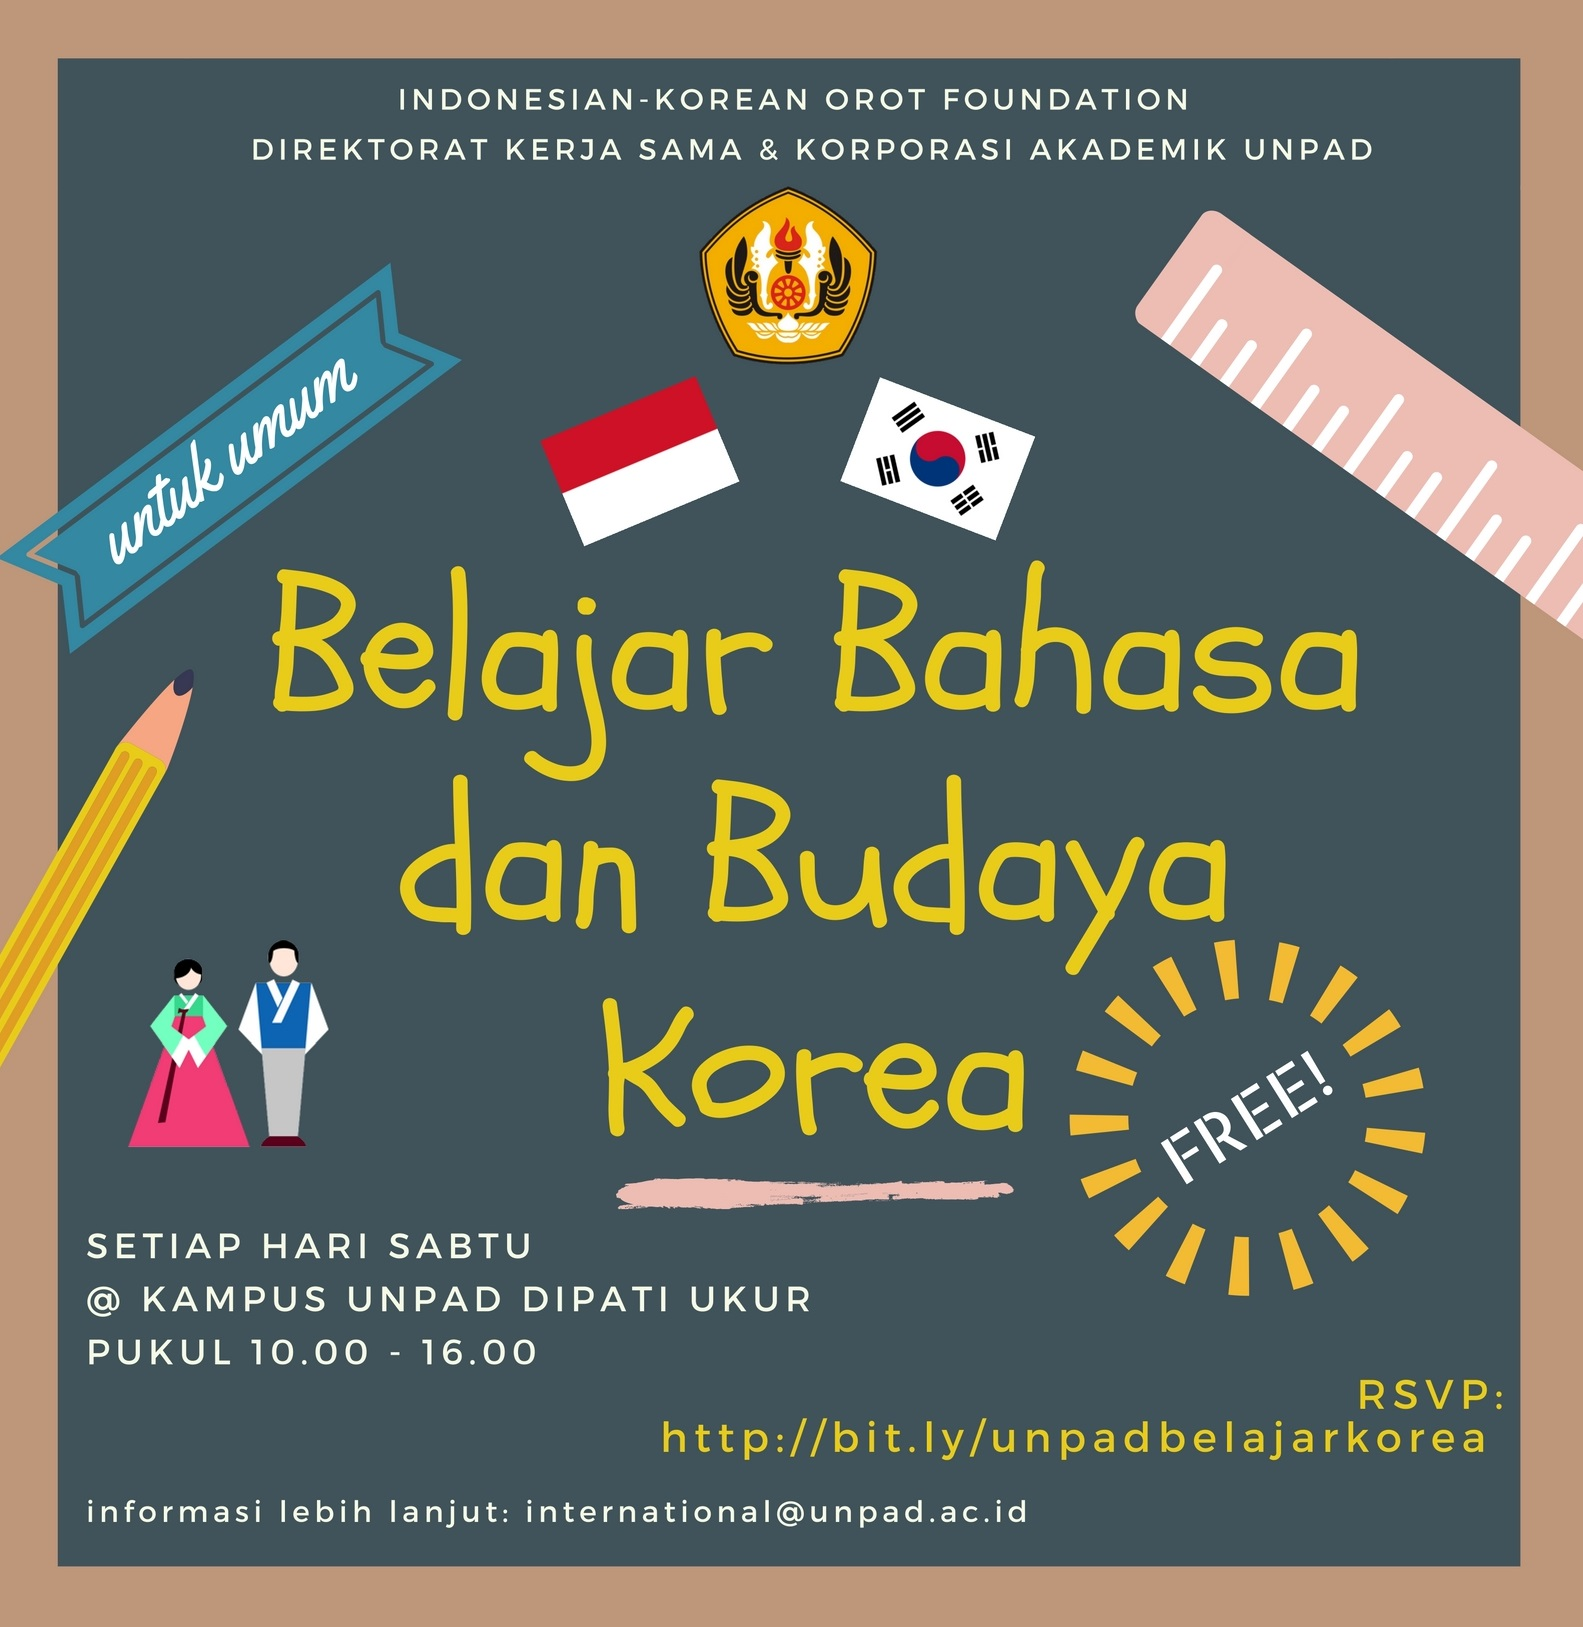 belajar-bahasa-dan-budaya-korea